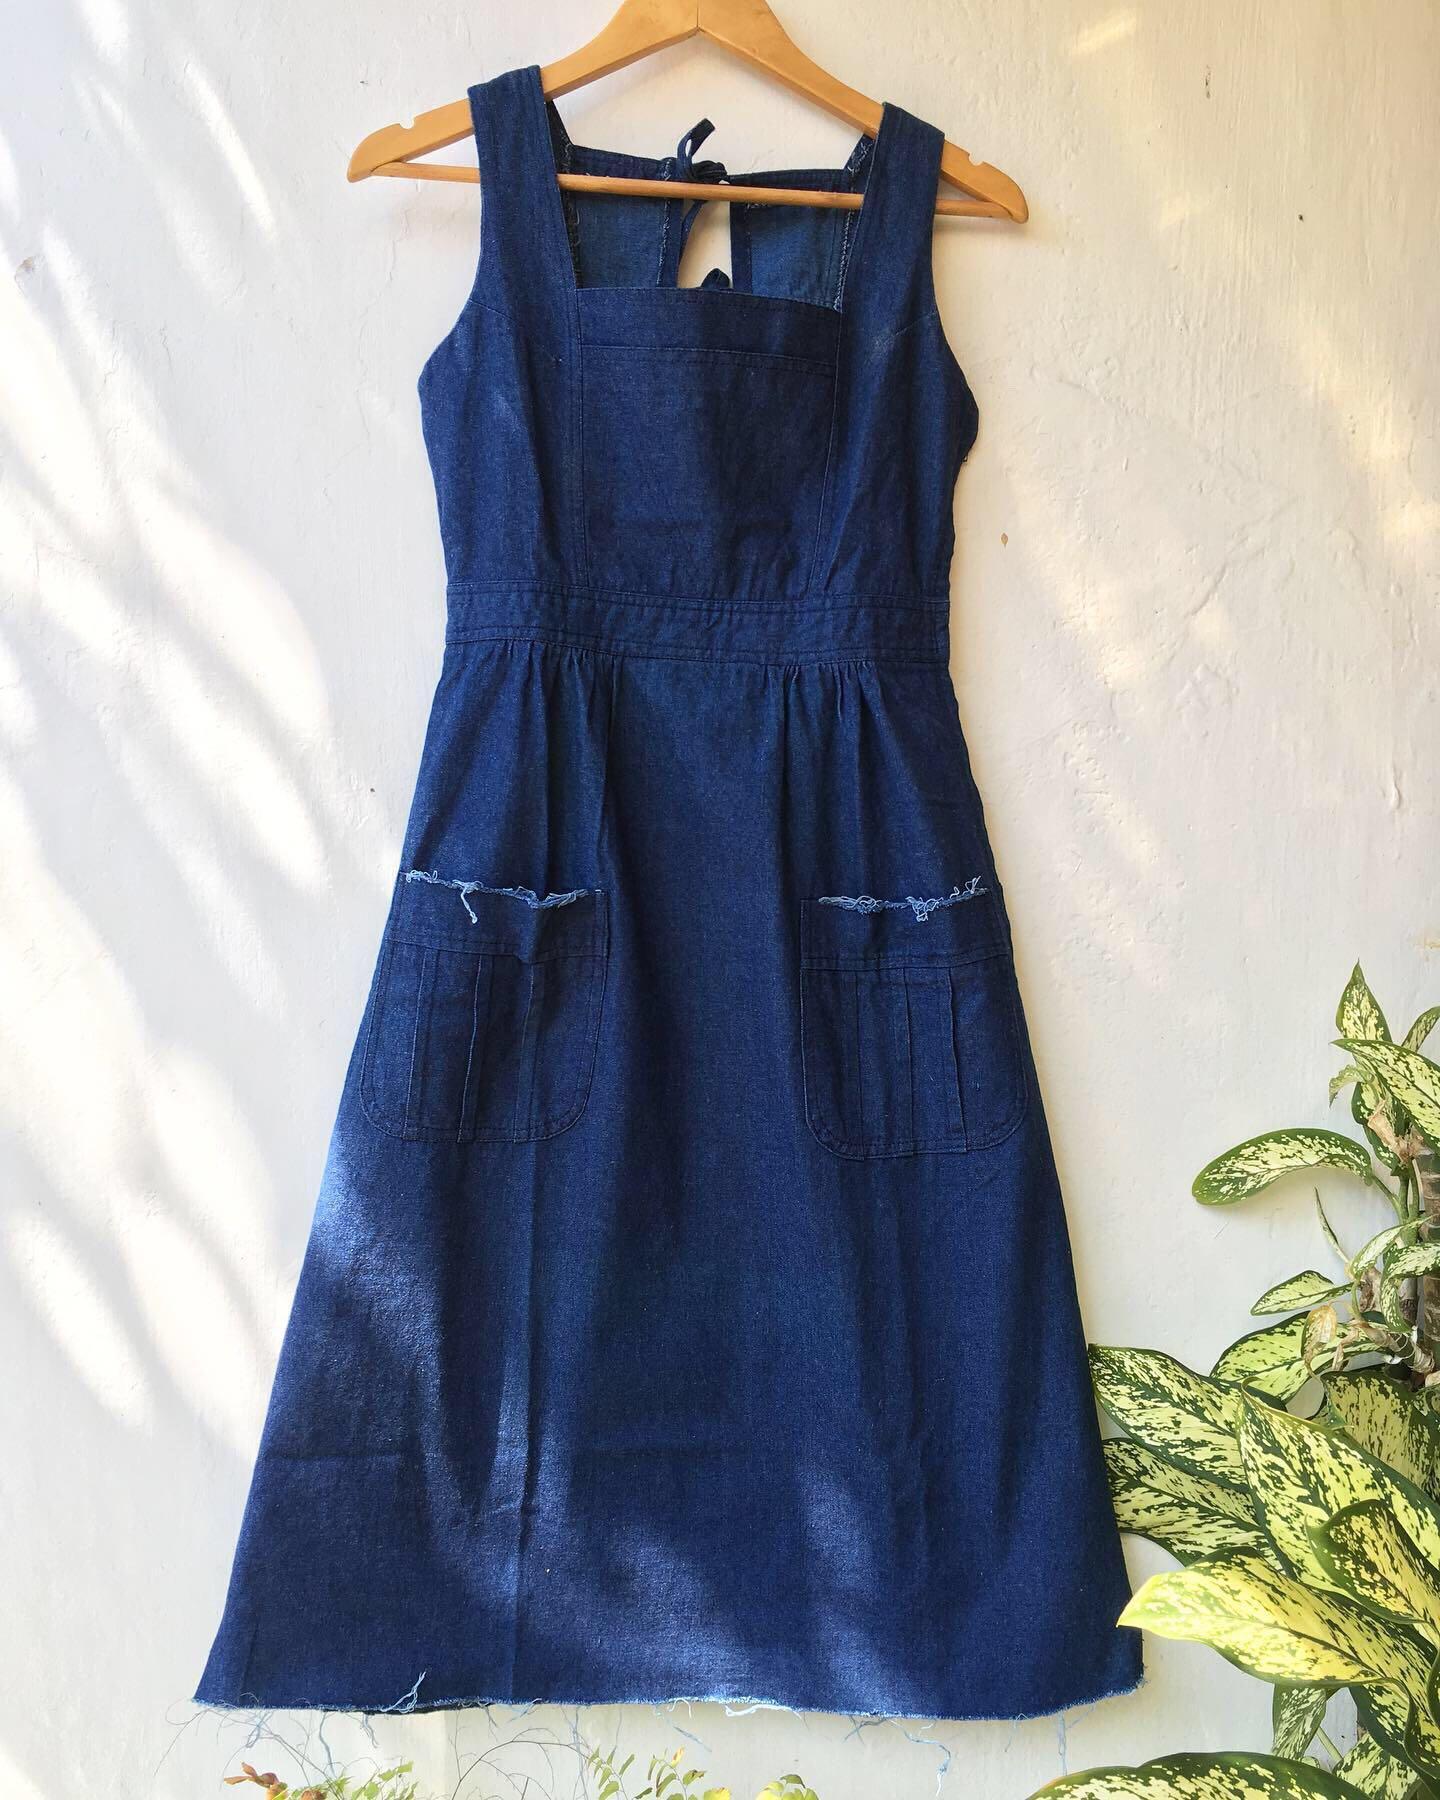 Japanese lace Denim Dress